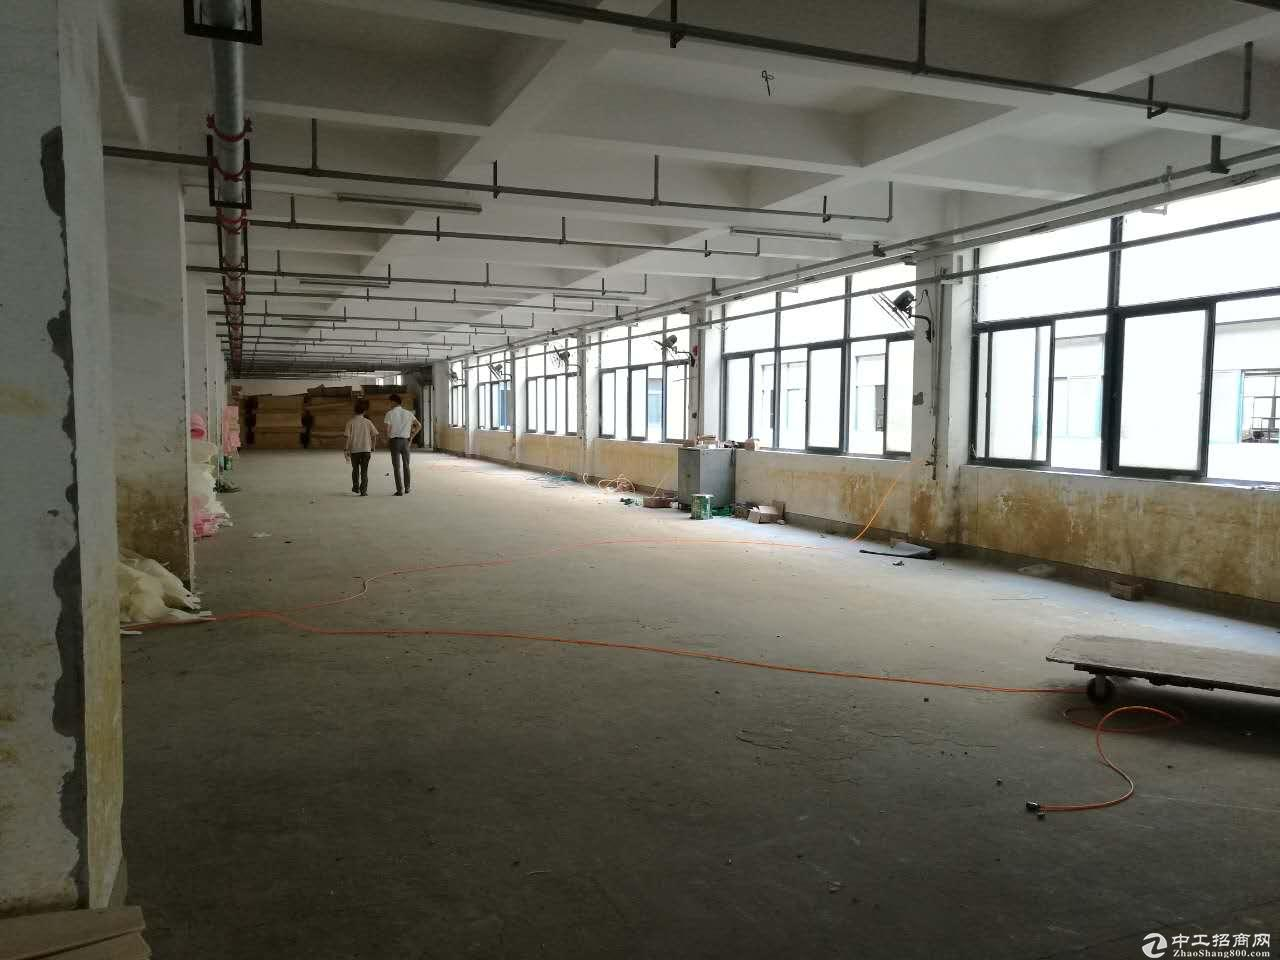 桥南开发区无税收仓库!两梯可分租可做食品加工可排污